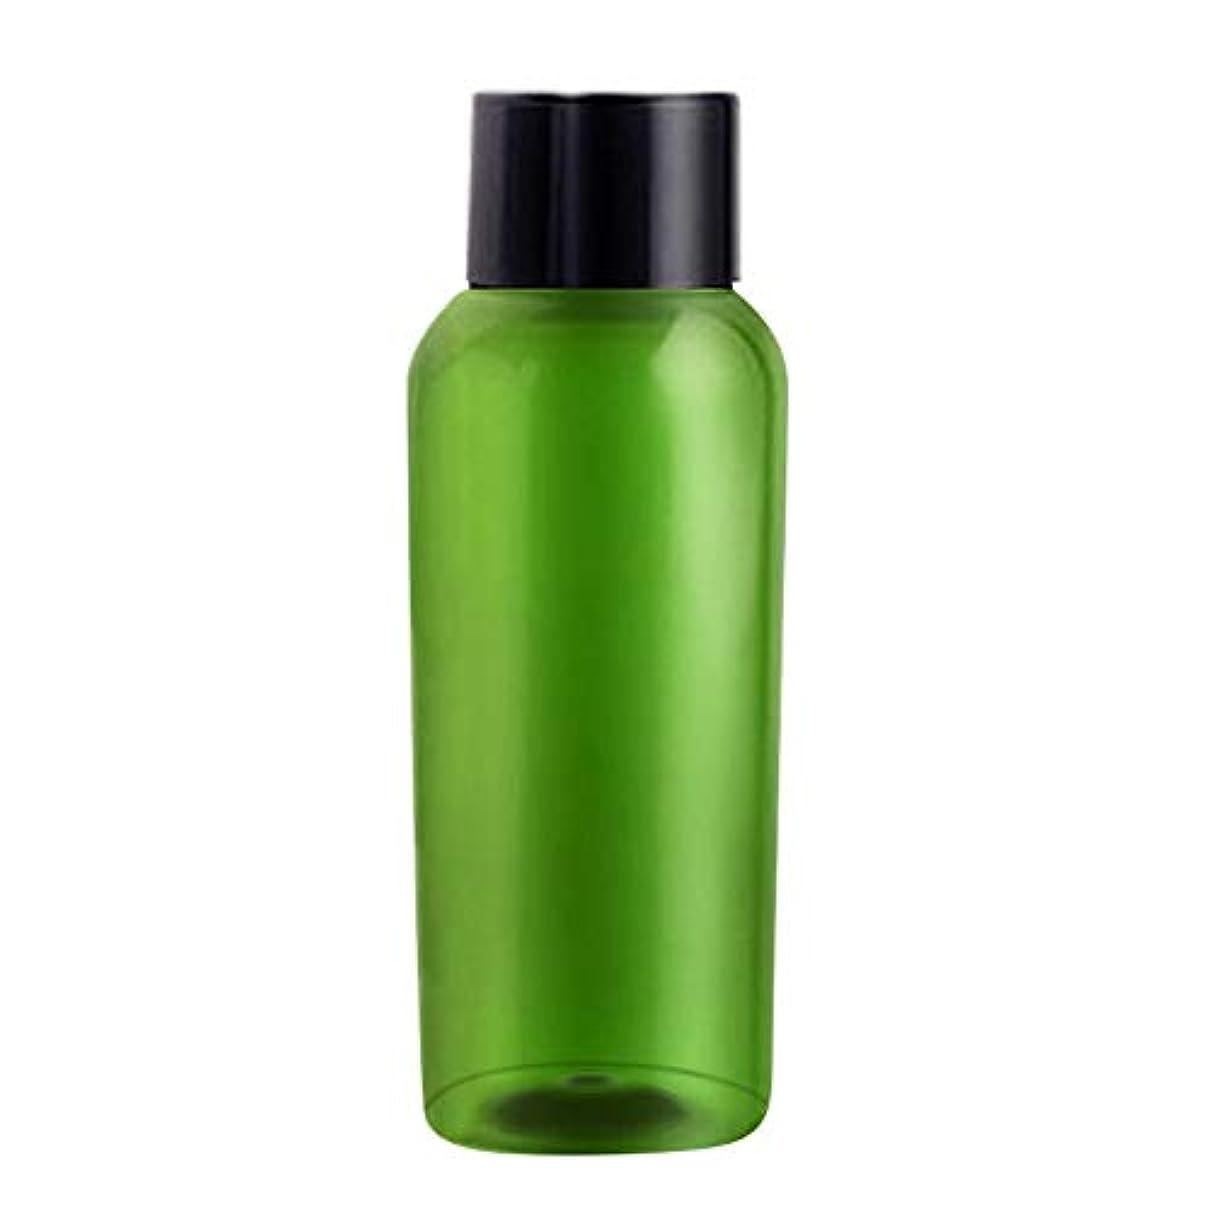 そうでなければ取り付けリラックスした50ML分けボトル 詰替ボトル 化粧品ボトル 遮光瓶 出張?海外旅行用 収納 携帯便利 4本セット シャンプー?エマルジョン?化粧水ボトル シリコン製